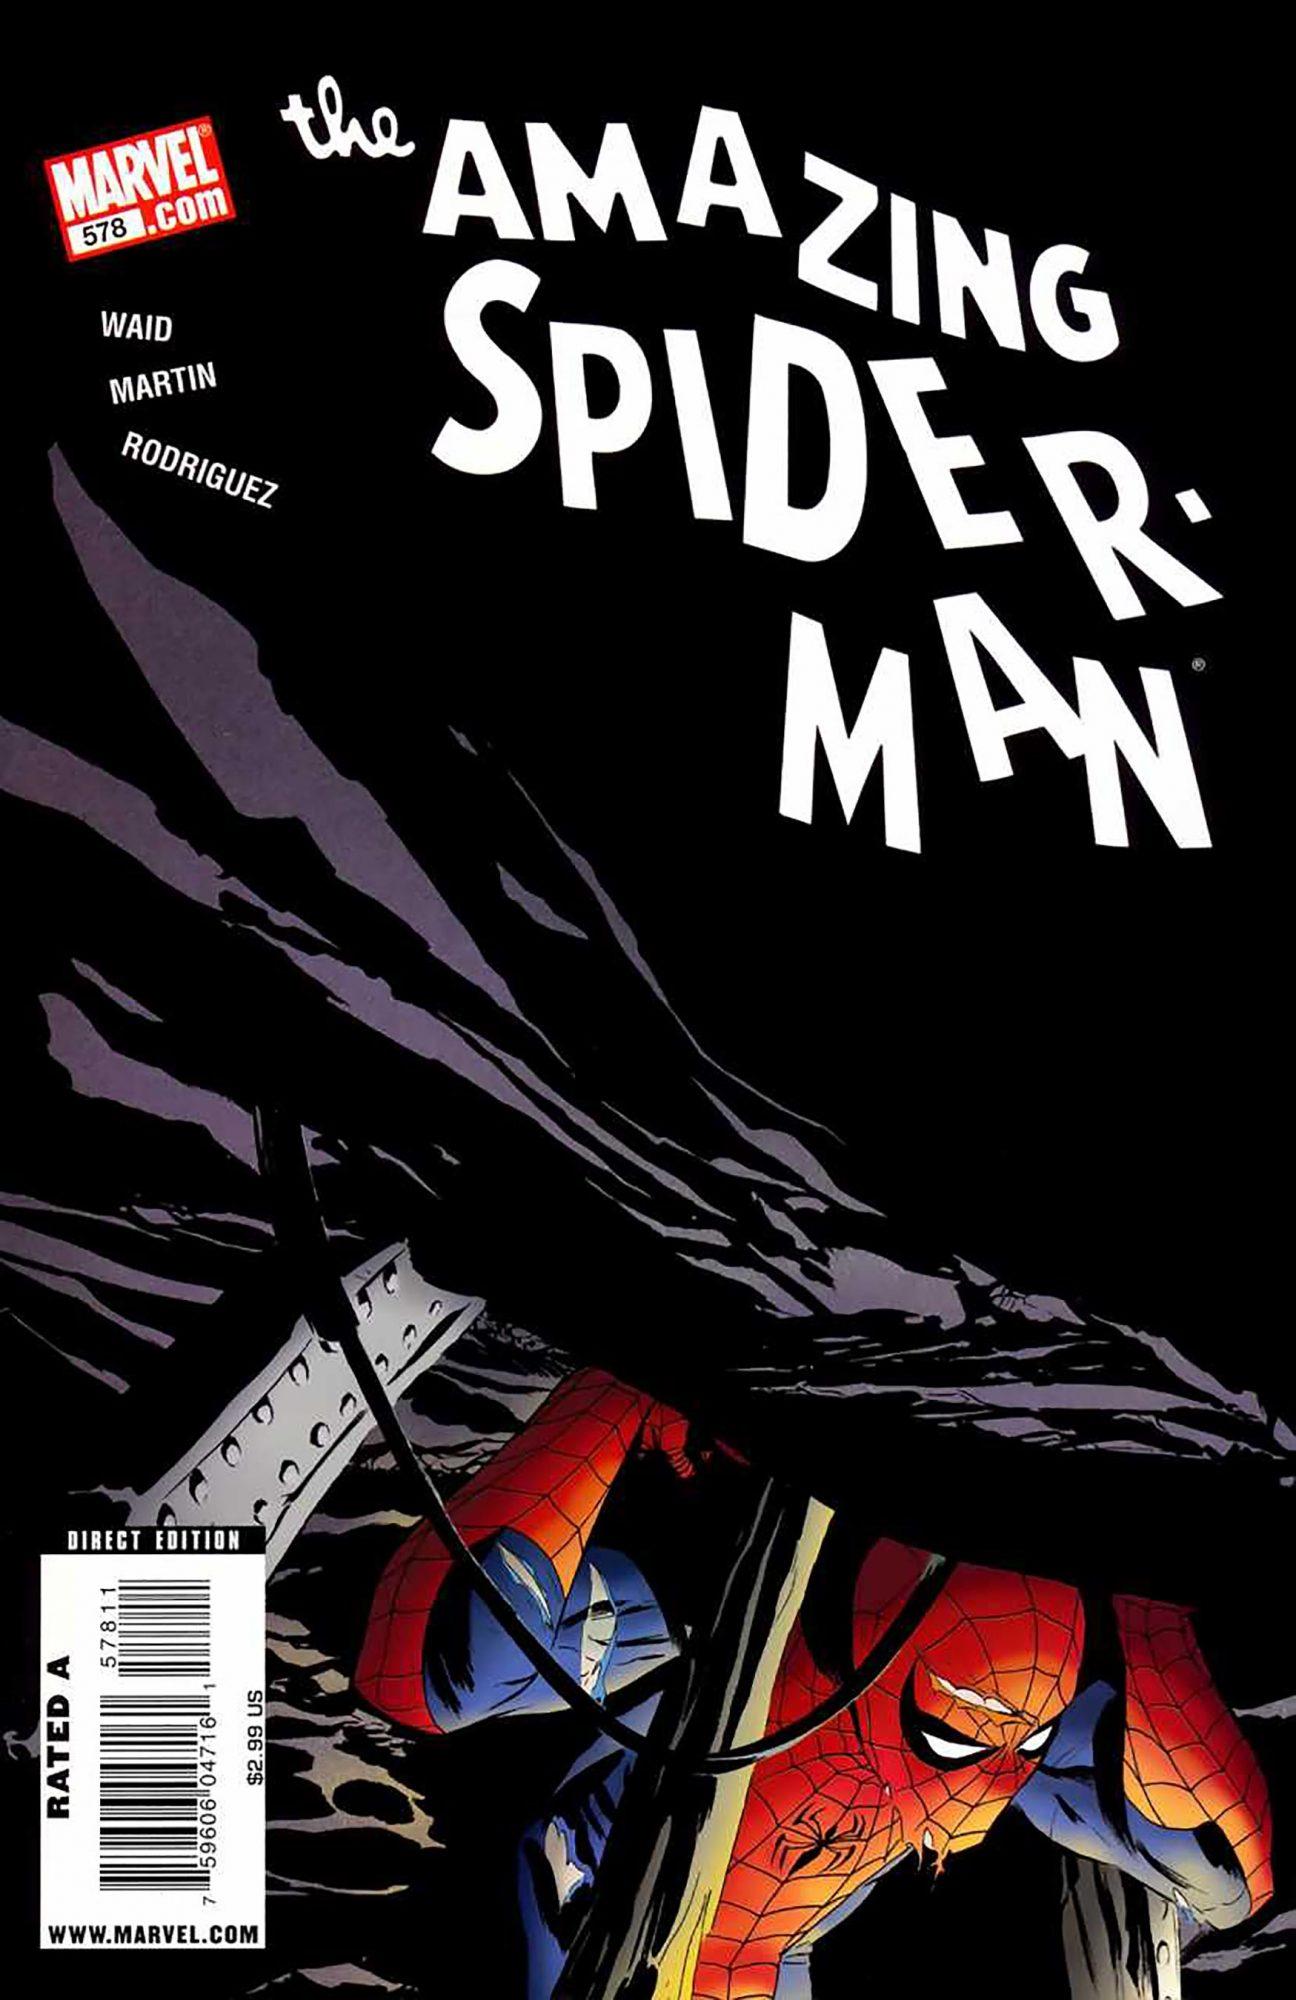 Amazing Spider-Man #578Artist: Marcos Martin, 2009